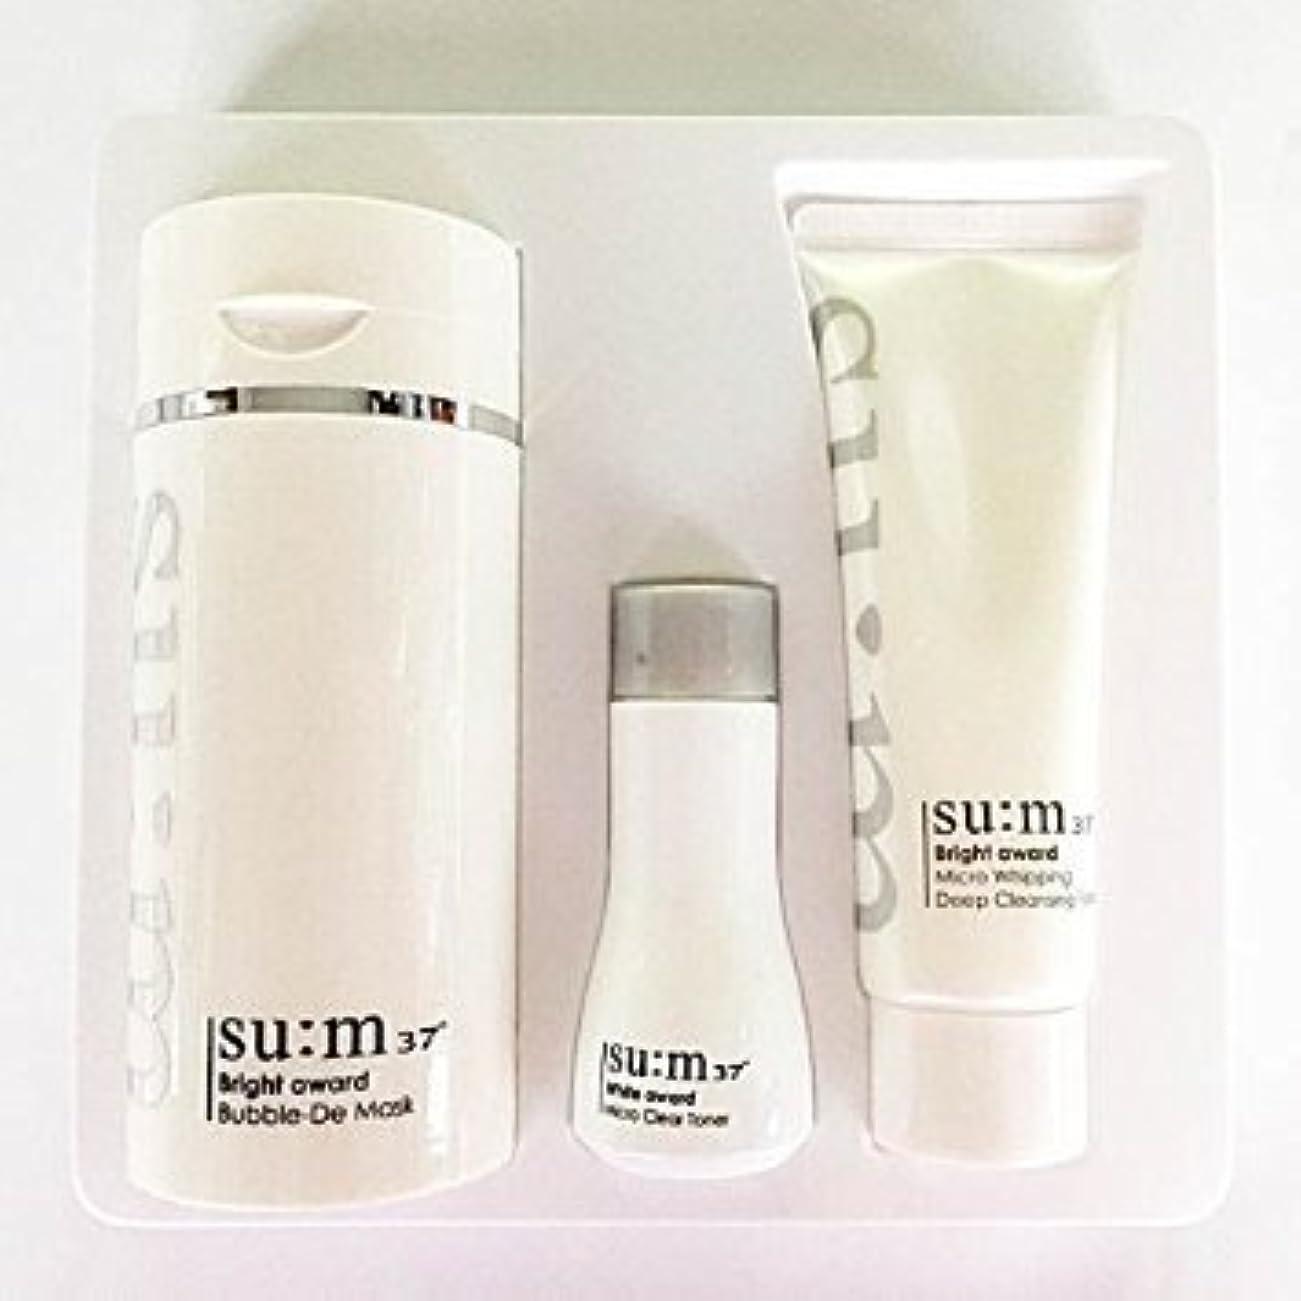 クラウン信頼性のあるバンケットSu:m37°(スム37) Su:m 37 White Bright Award Bubble-De Mask Special Set 企画セット [並行輸入品]